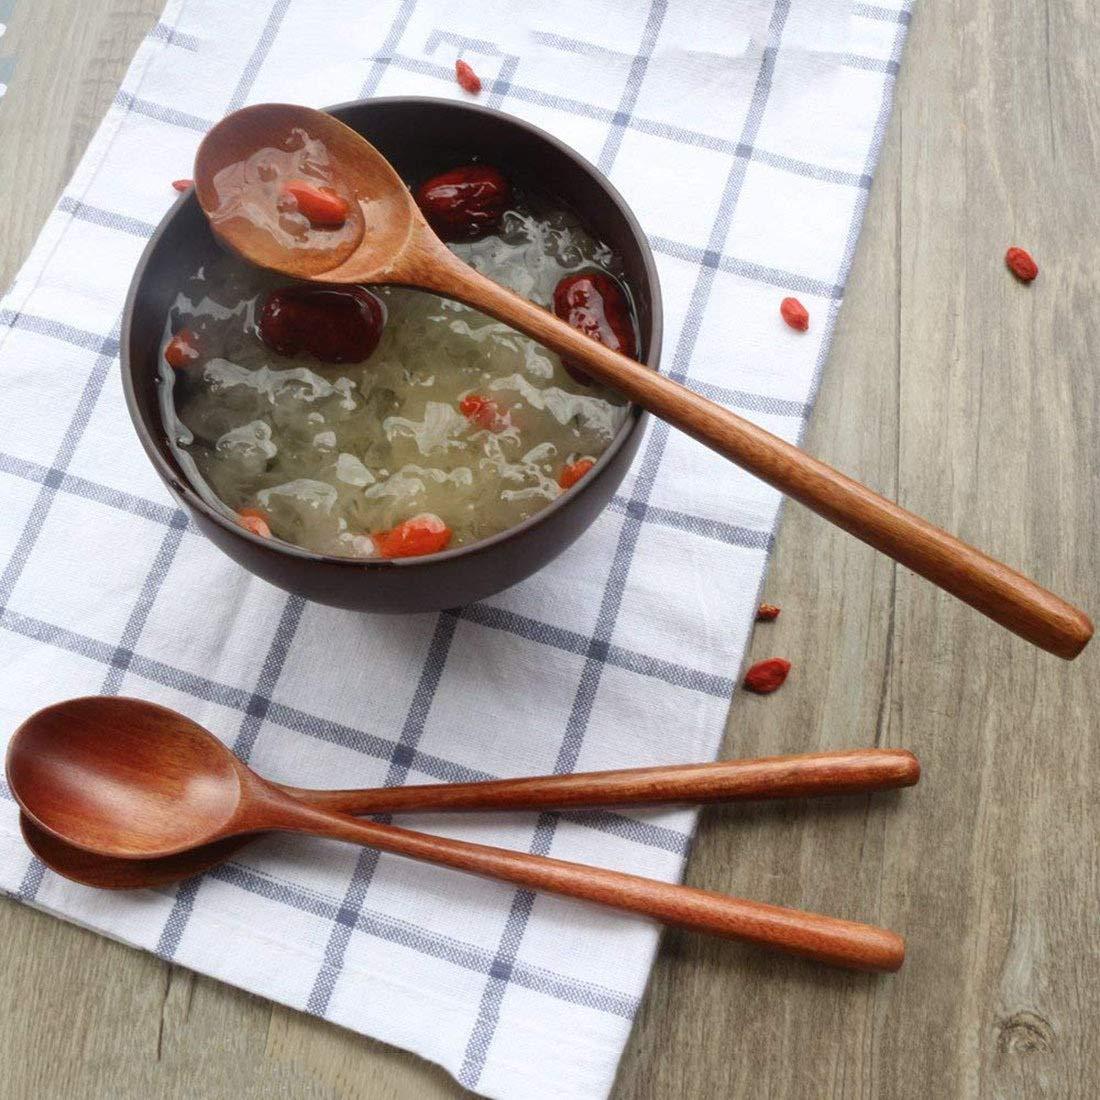 LLTT Cucchiaio di Legno 6 Pezzi di Legno zuppa cucchiai for Mangiare miscelazione di agitazione da Cucina Lungo Manico di Un Cucchiaio Color : Yellow